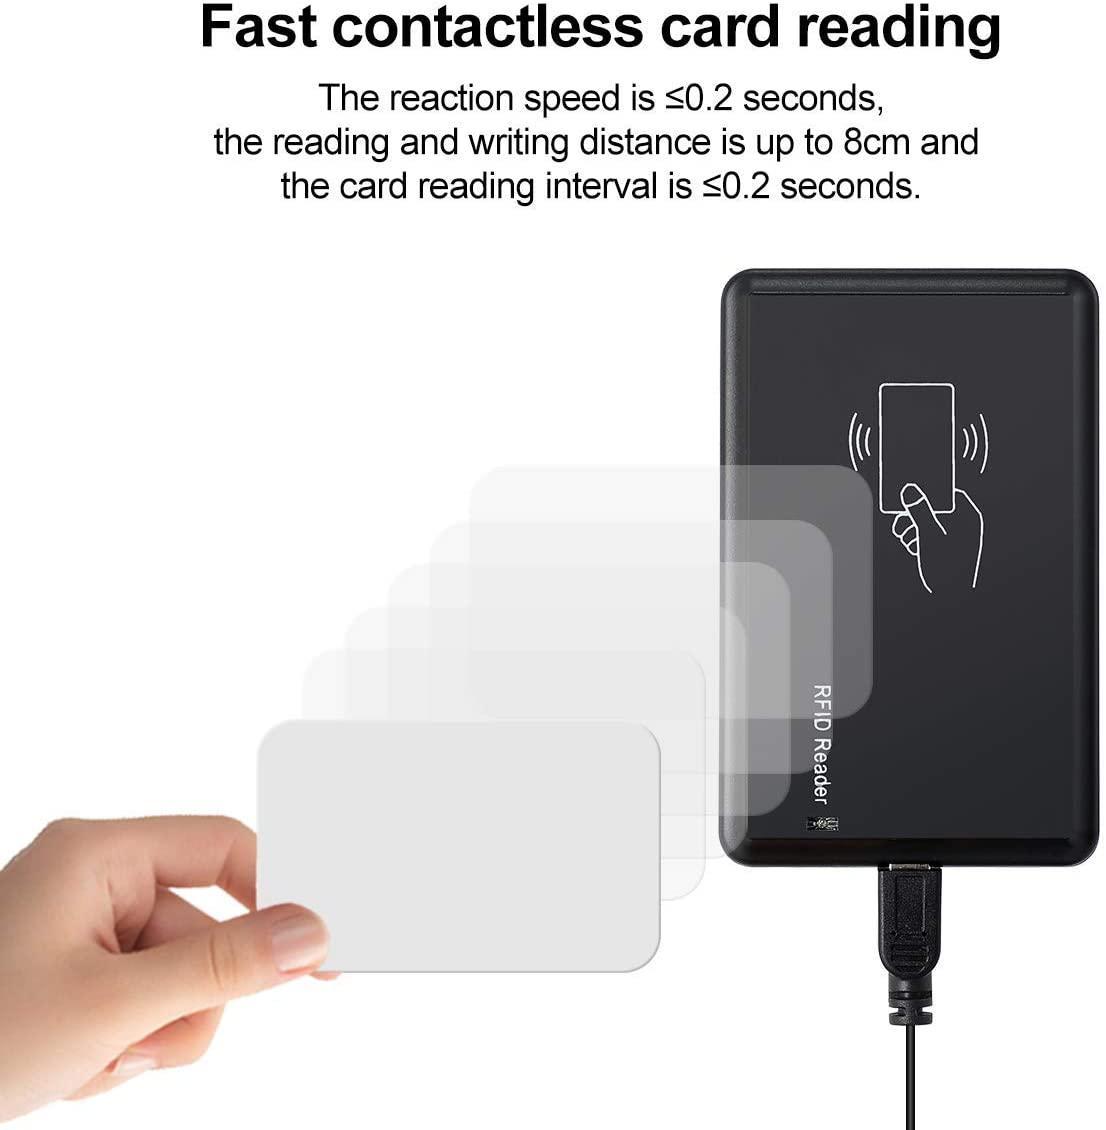 RFID Reader USB 13.56mhz or 125khz EM4100 or Mifare Card Reader Emulate Keyboard